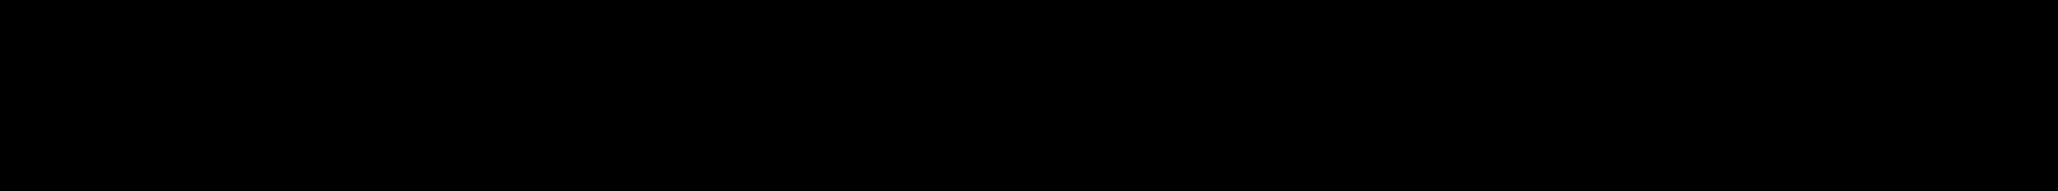 Design System E 700R